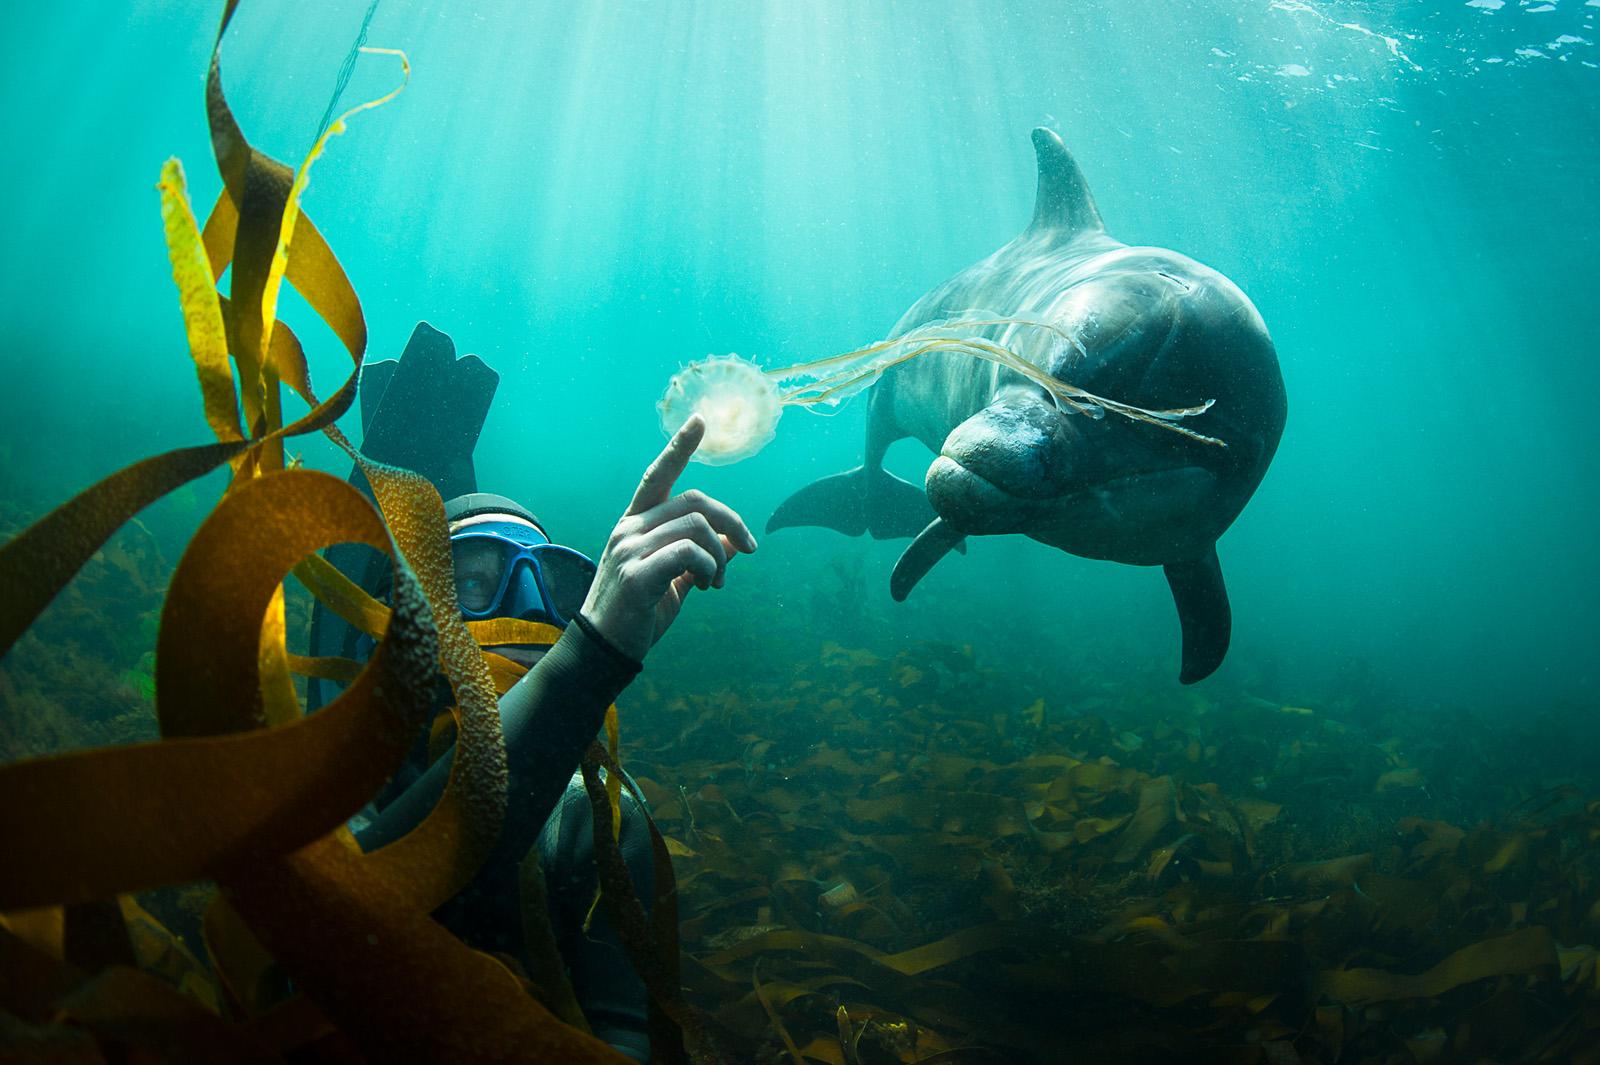 Příběhy divokého oceánu / Wild Ocean Stories © George Karbus: Přítelkyně Kata s divokým přátelským delfínem. Západní pobřežíIrska / Friend Kata with a friendly wild dolphin. West Coast of Ireland